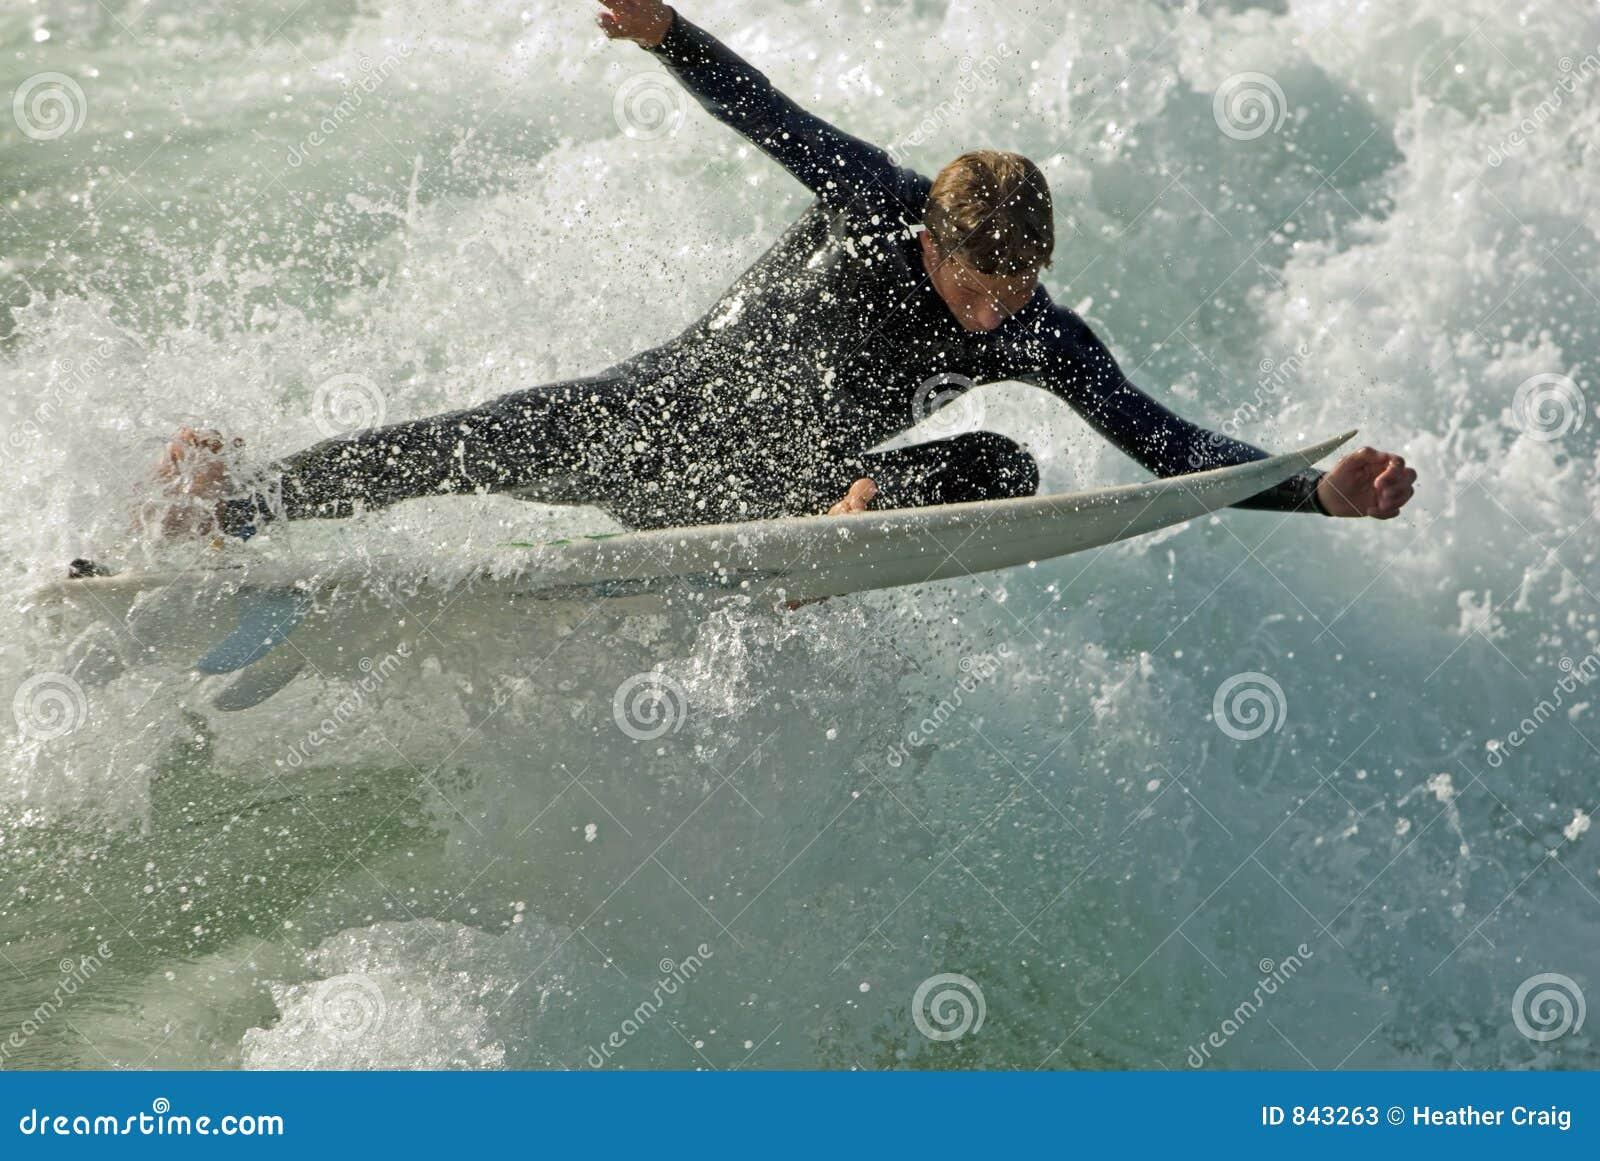 Shredding Waves